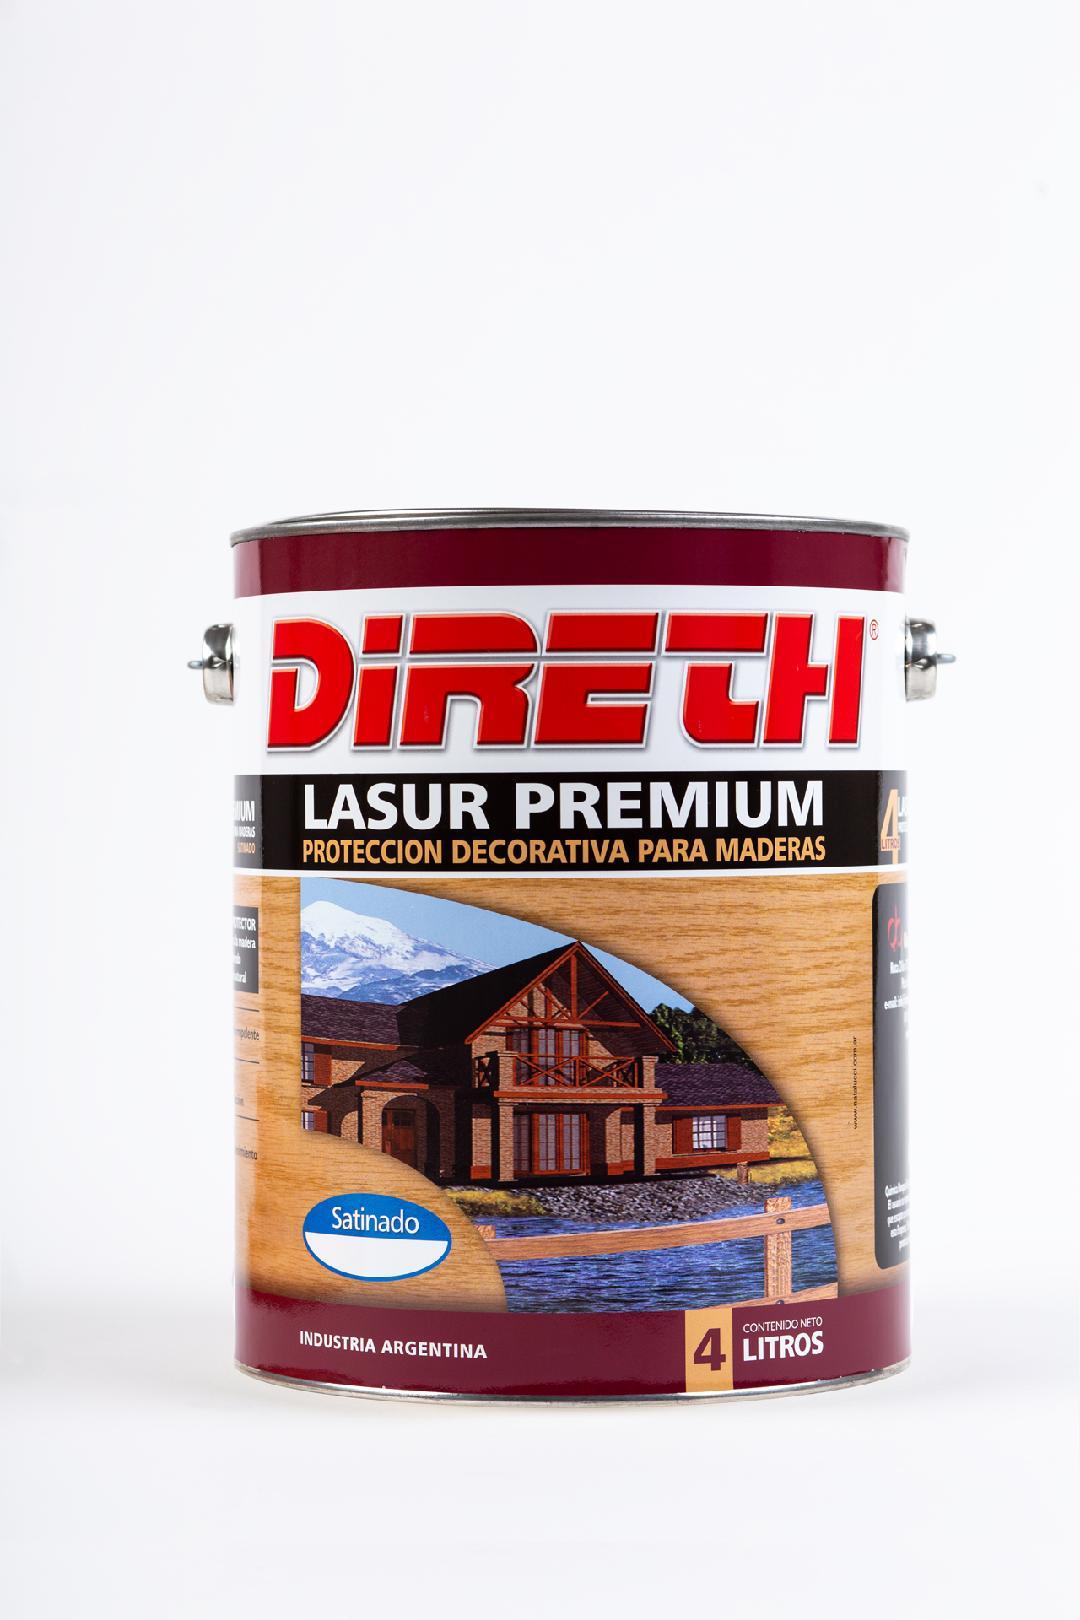 Lasur Premium